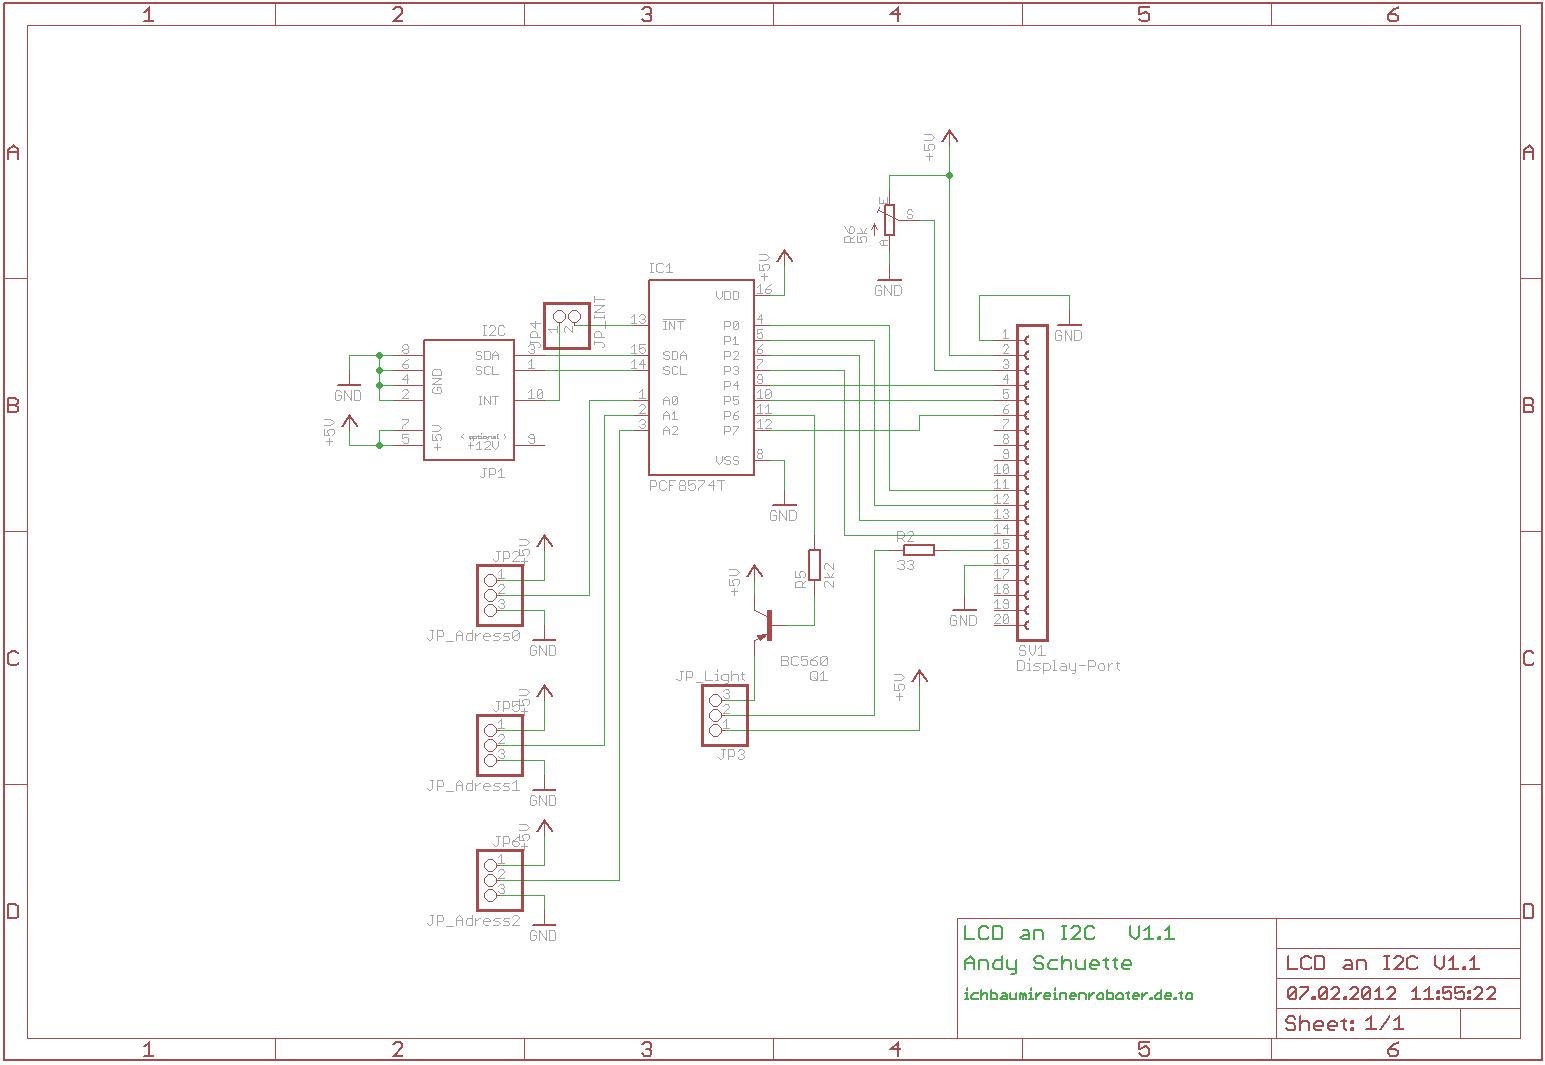 datei lcd an i2c v1 1 rn. Black Bedroom Furniture Sets. Home Design Ideas